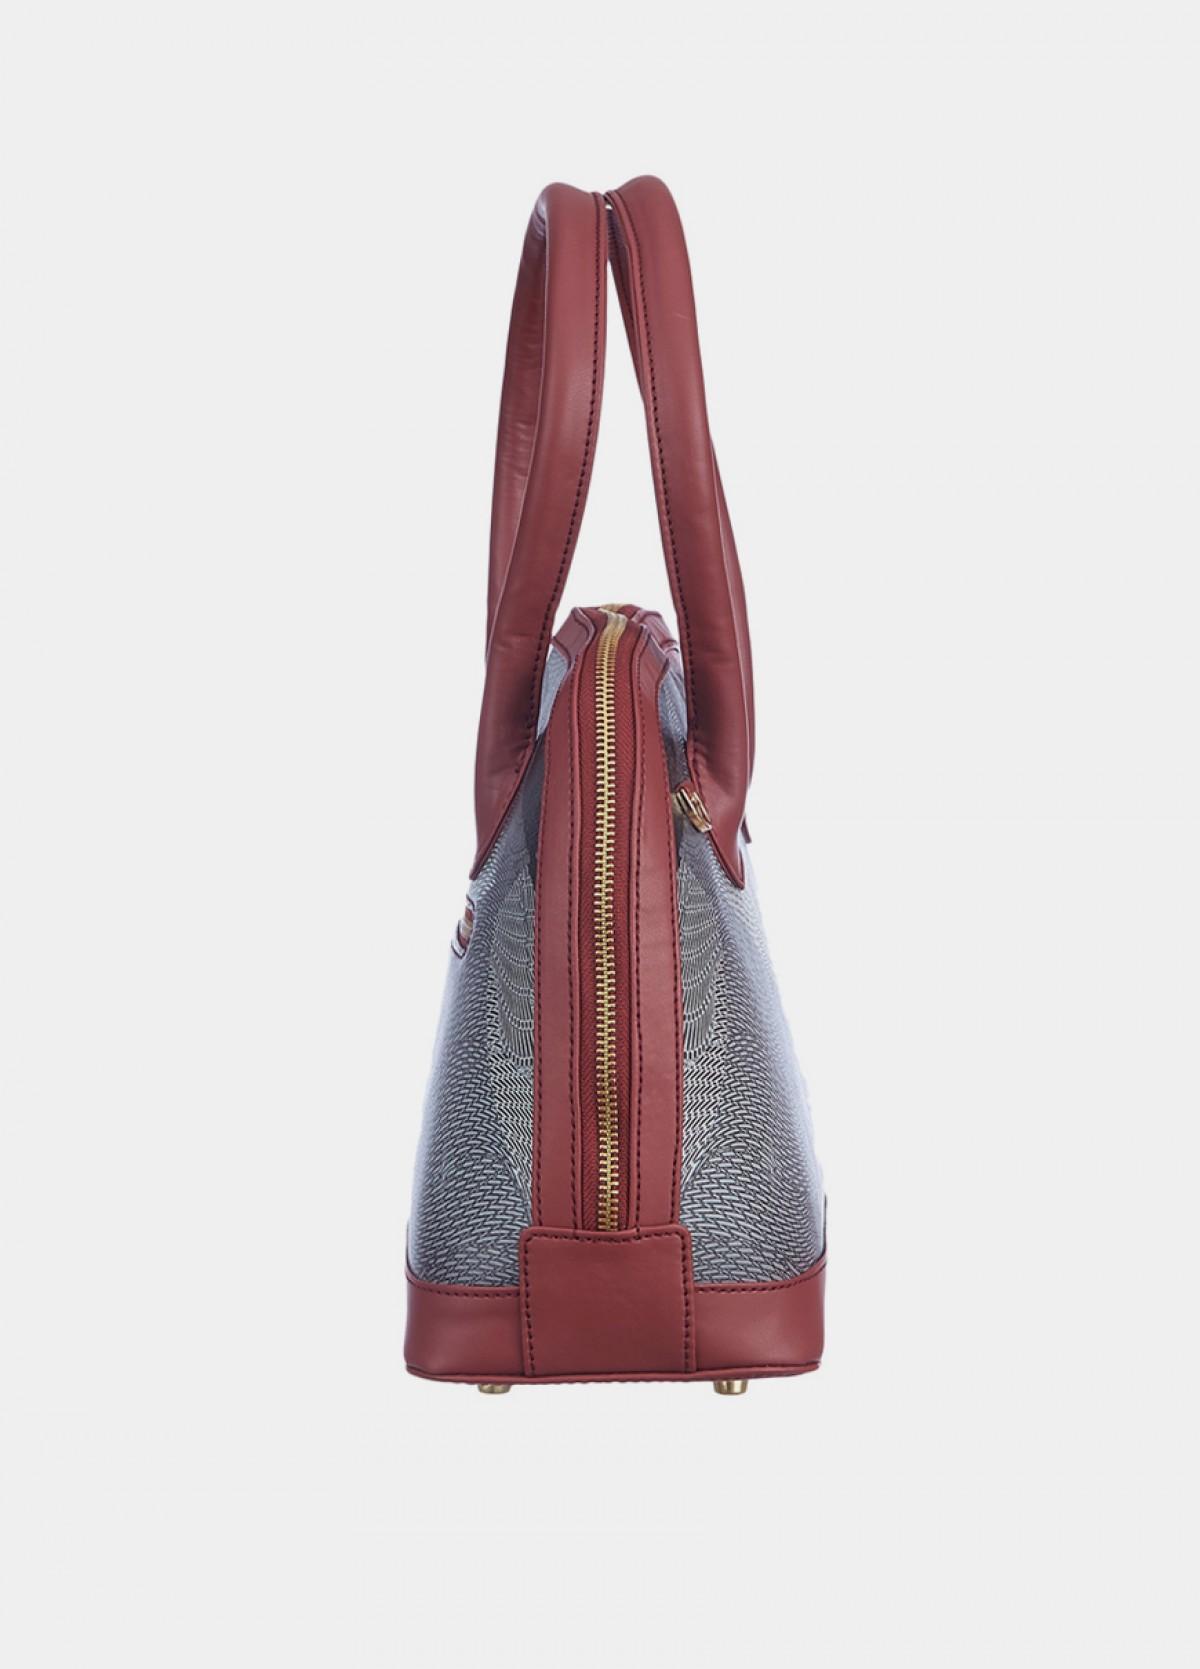 The Macchli D Shape Bag